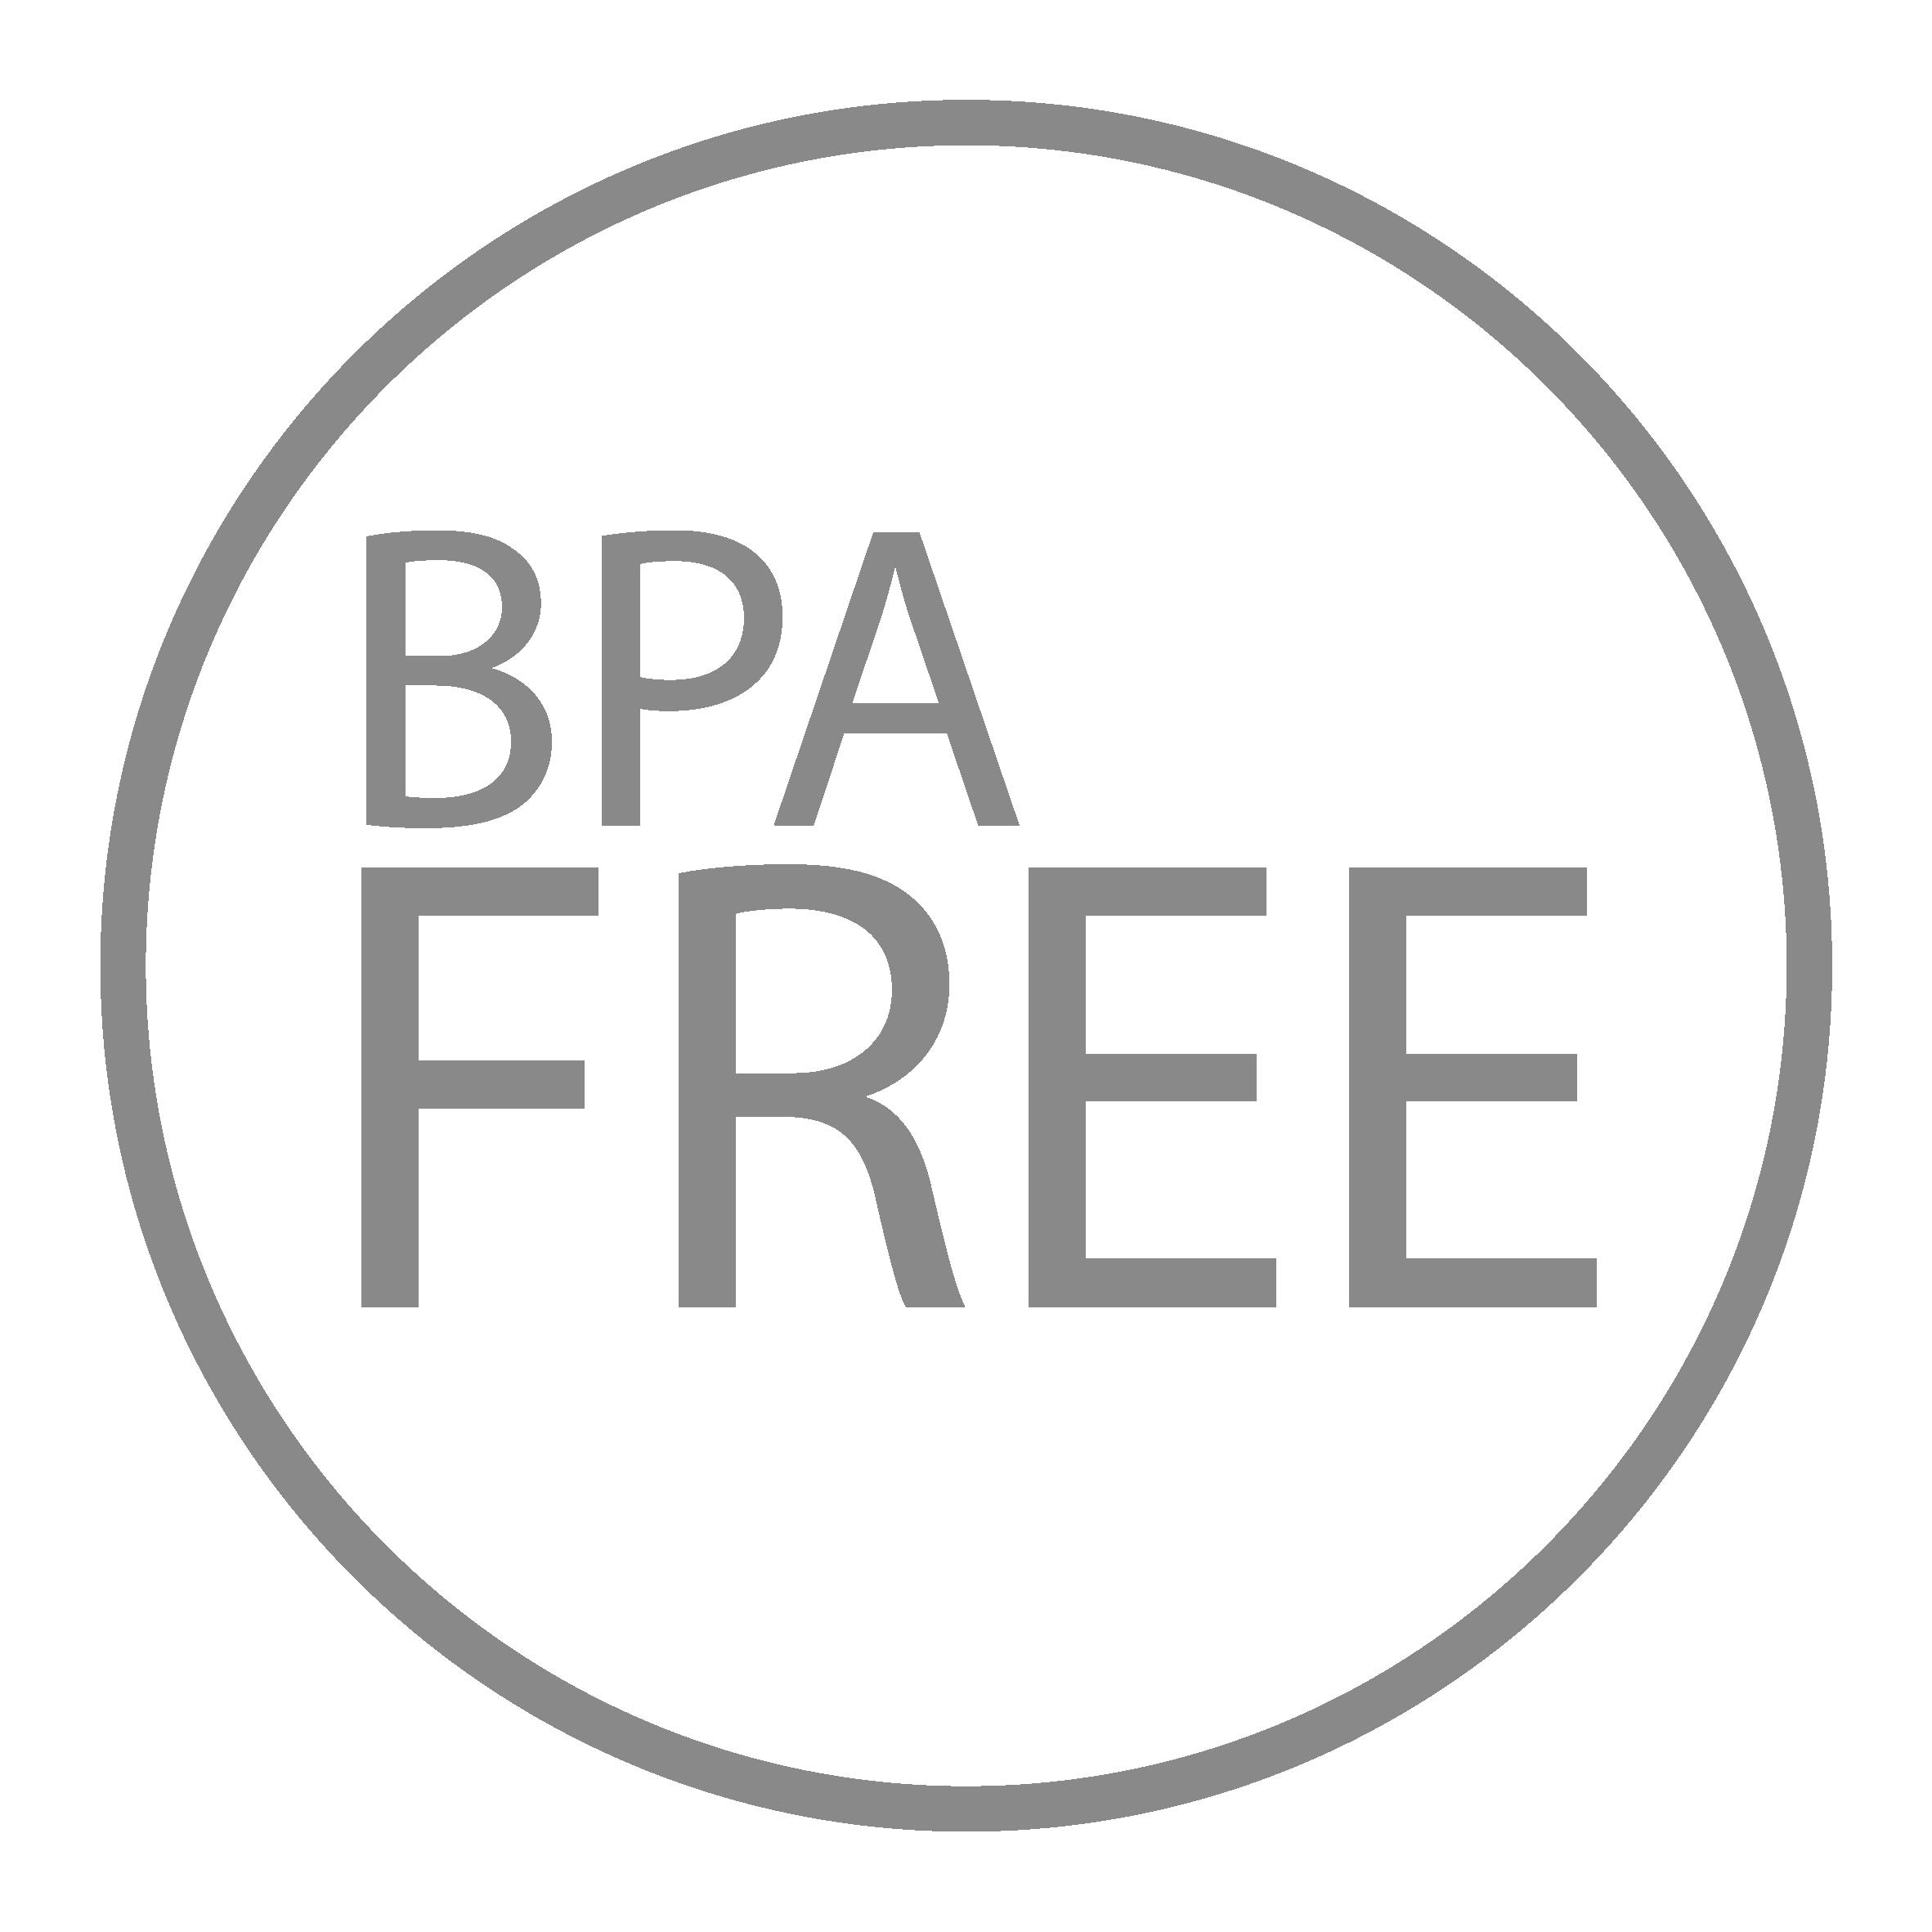 Non-BPA(BPA free)